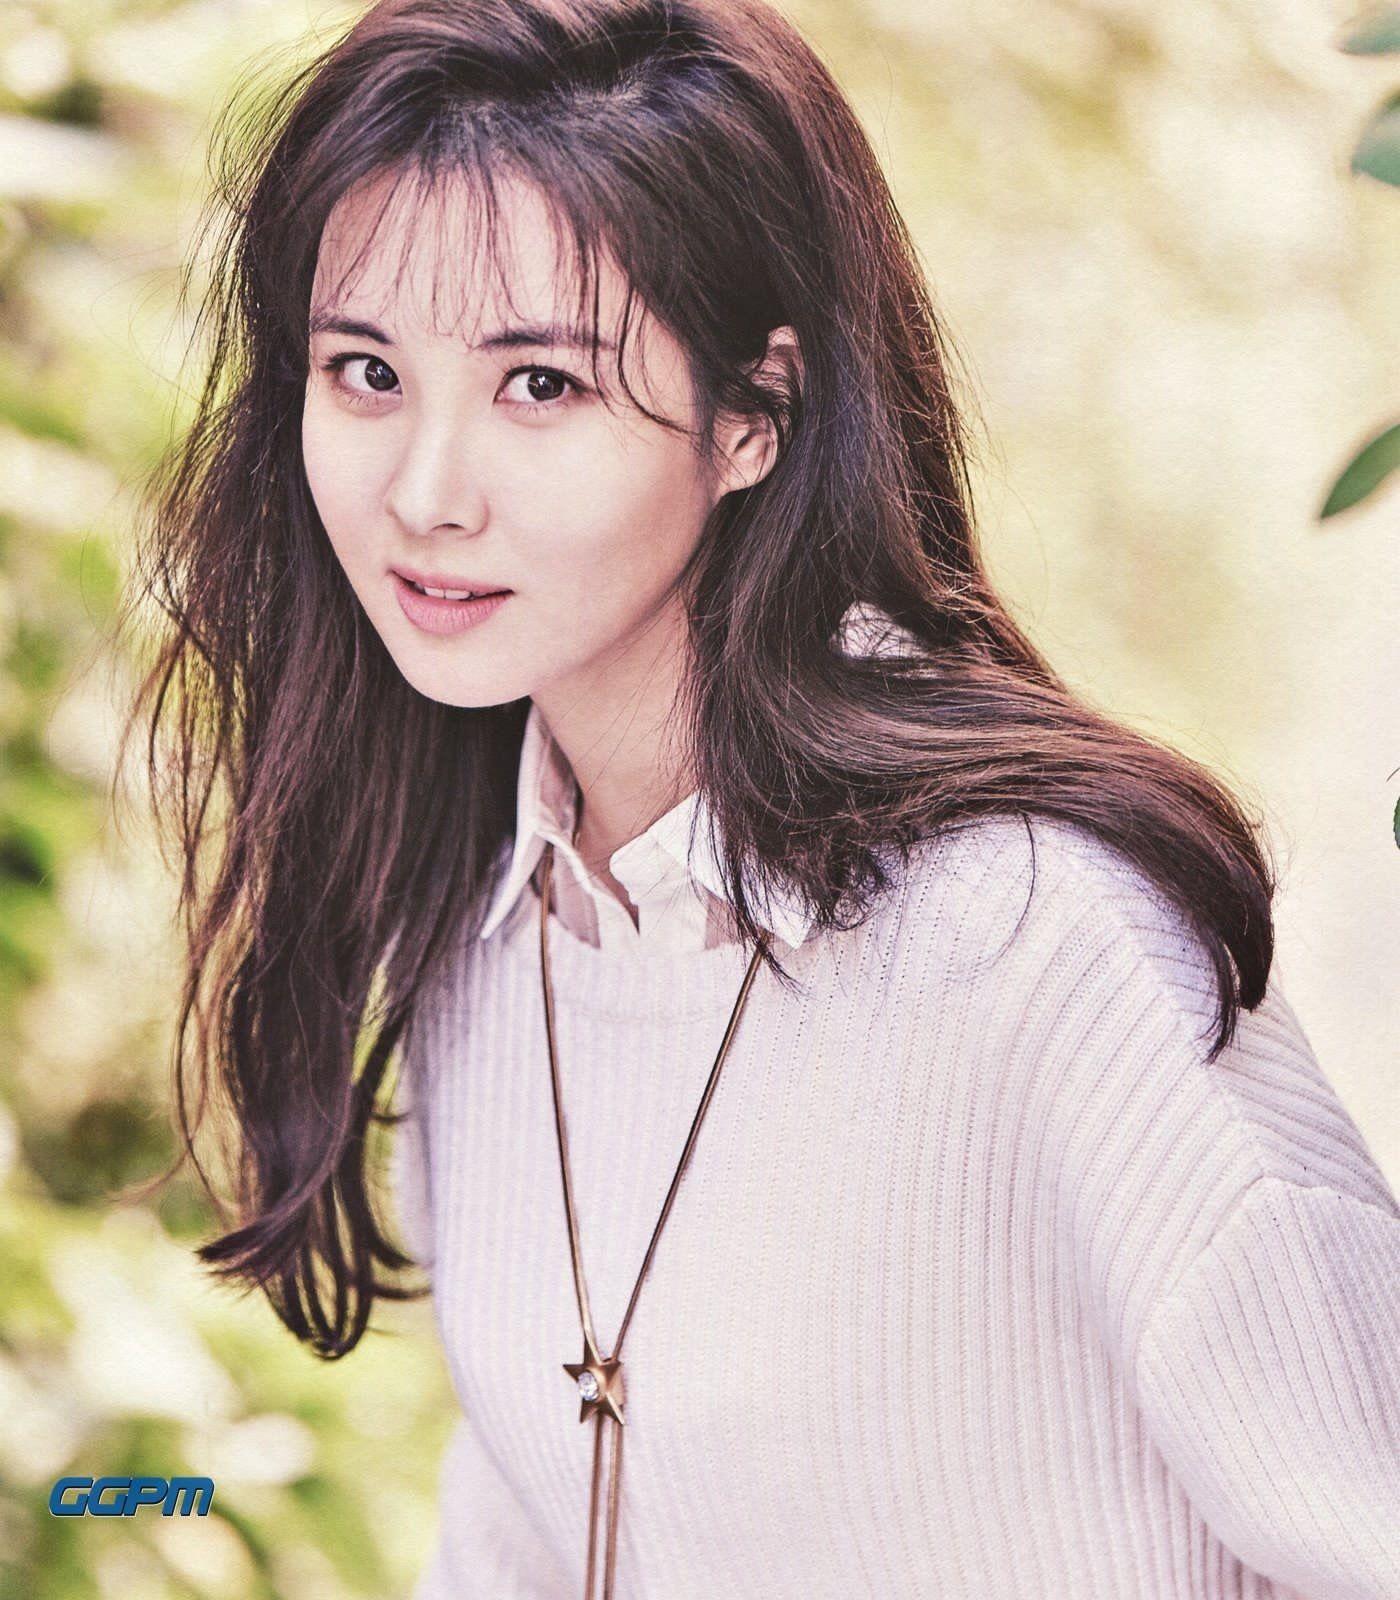 Snsd seohyun girls generation 2017 seasons greetings fashion snsd seohyun girls generation 2017 seasons greetings kristyandbryce Images